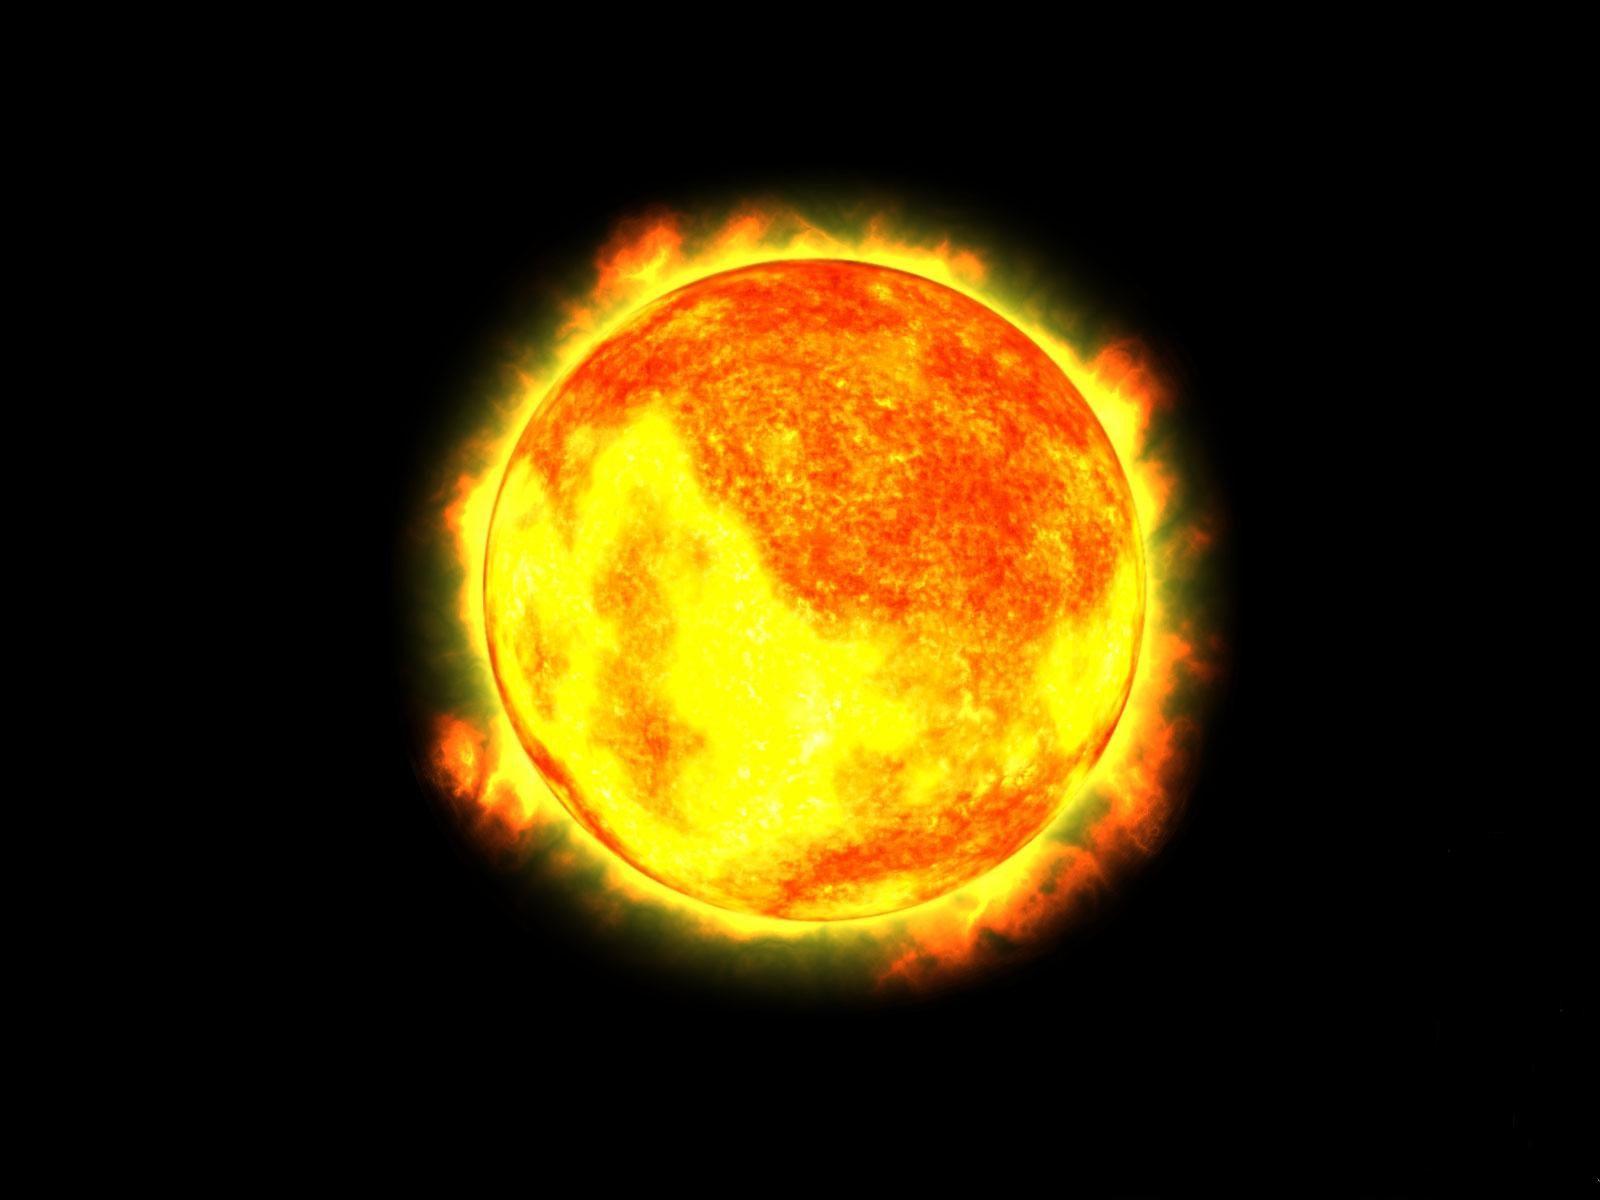 примочками картинки огненного солнца ривз